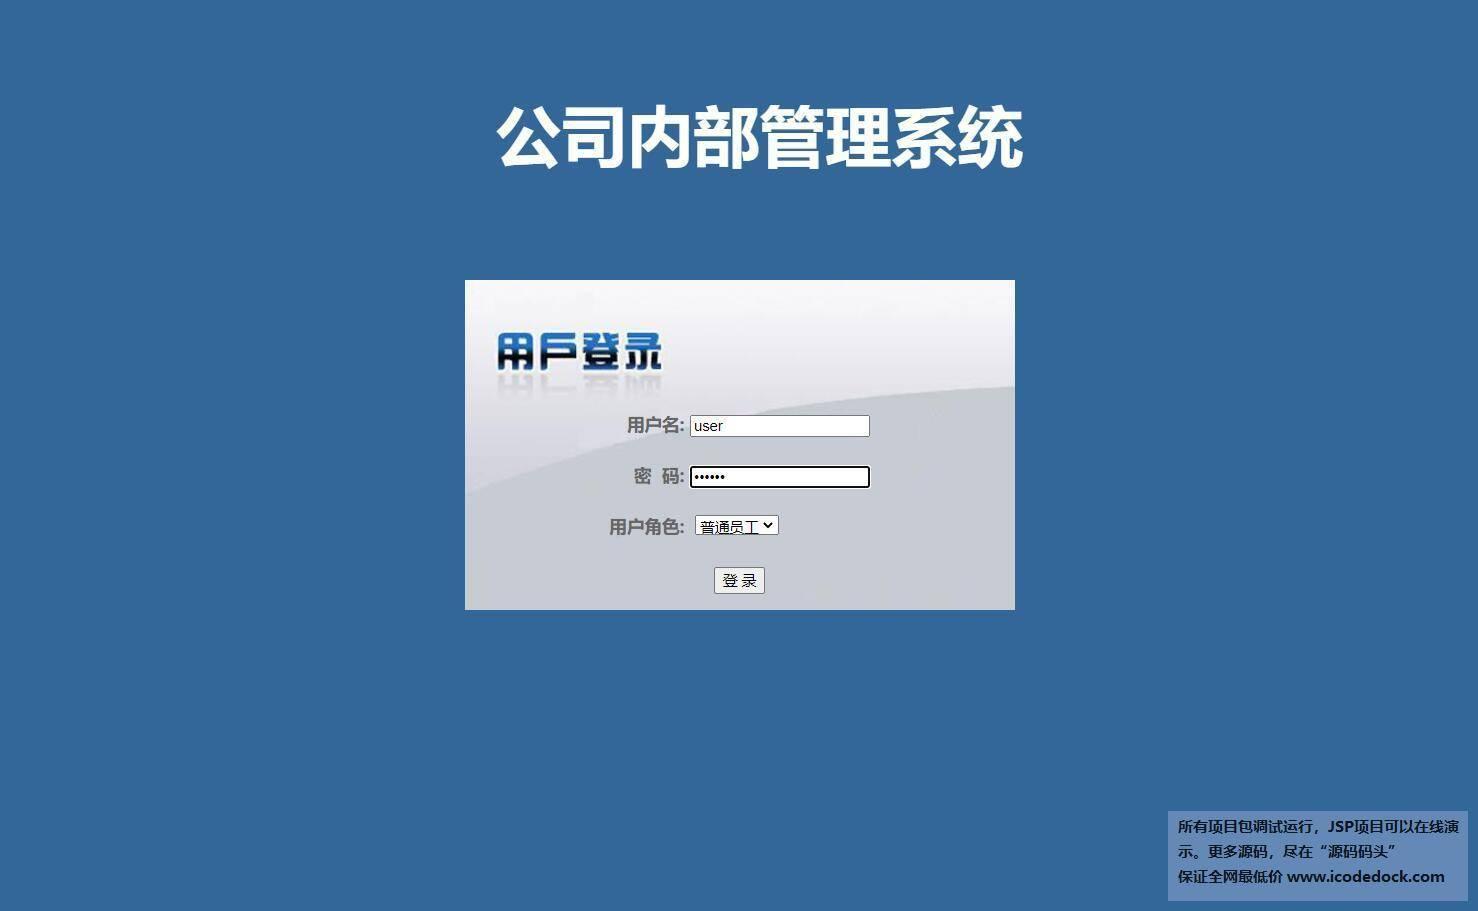 源码码头-SSH公司内部办公自动化管理系统-员工角色-员工登录